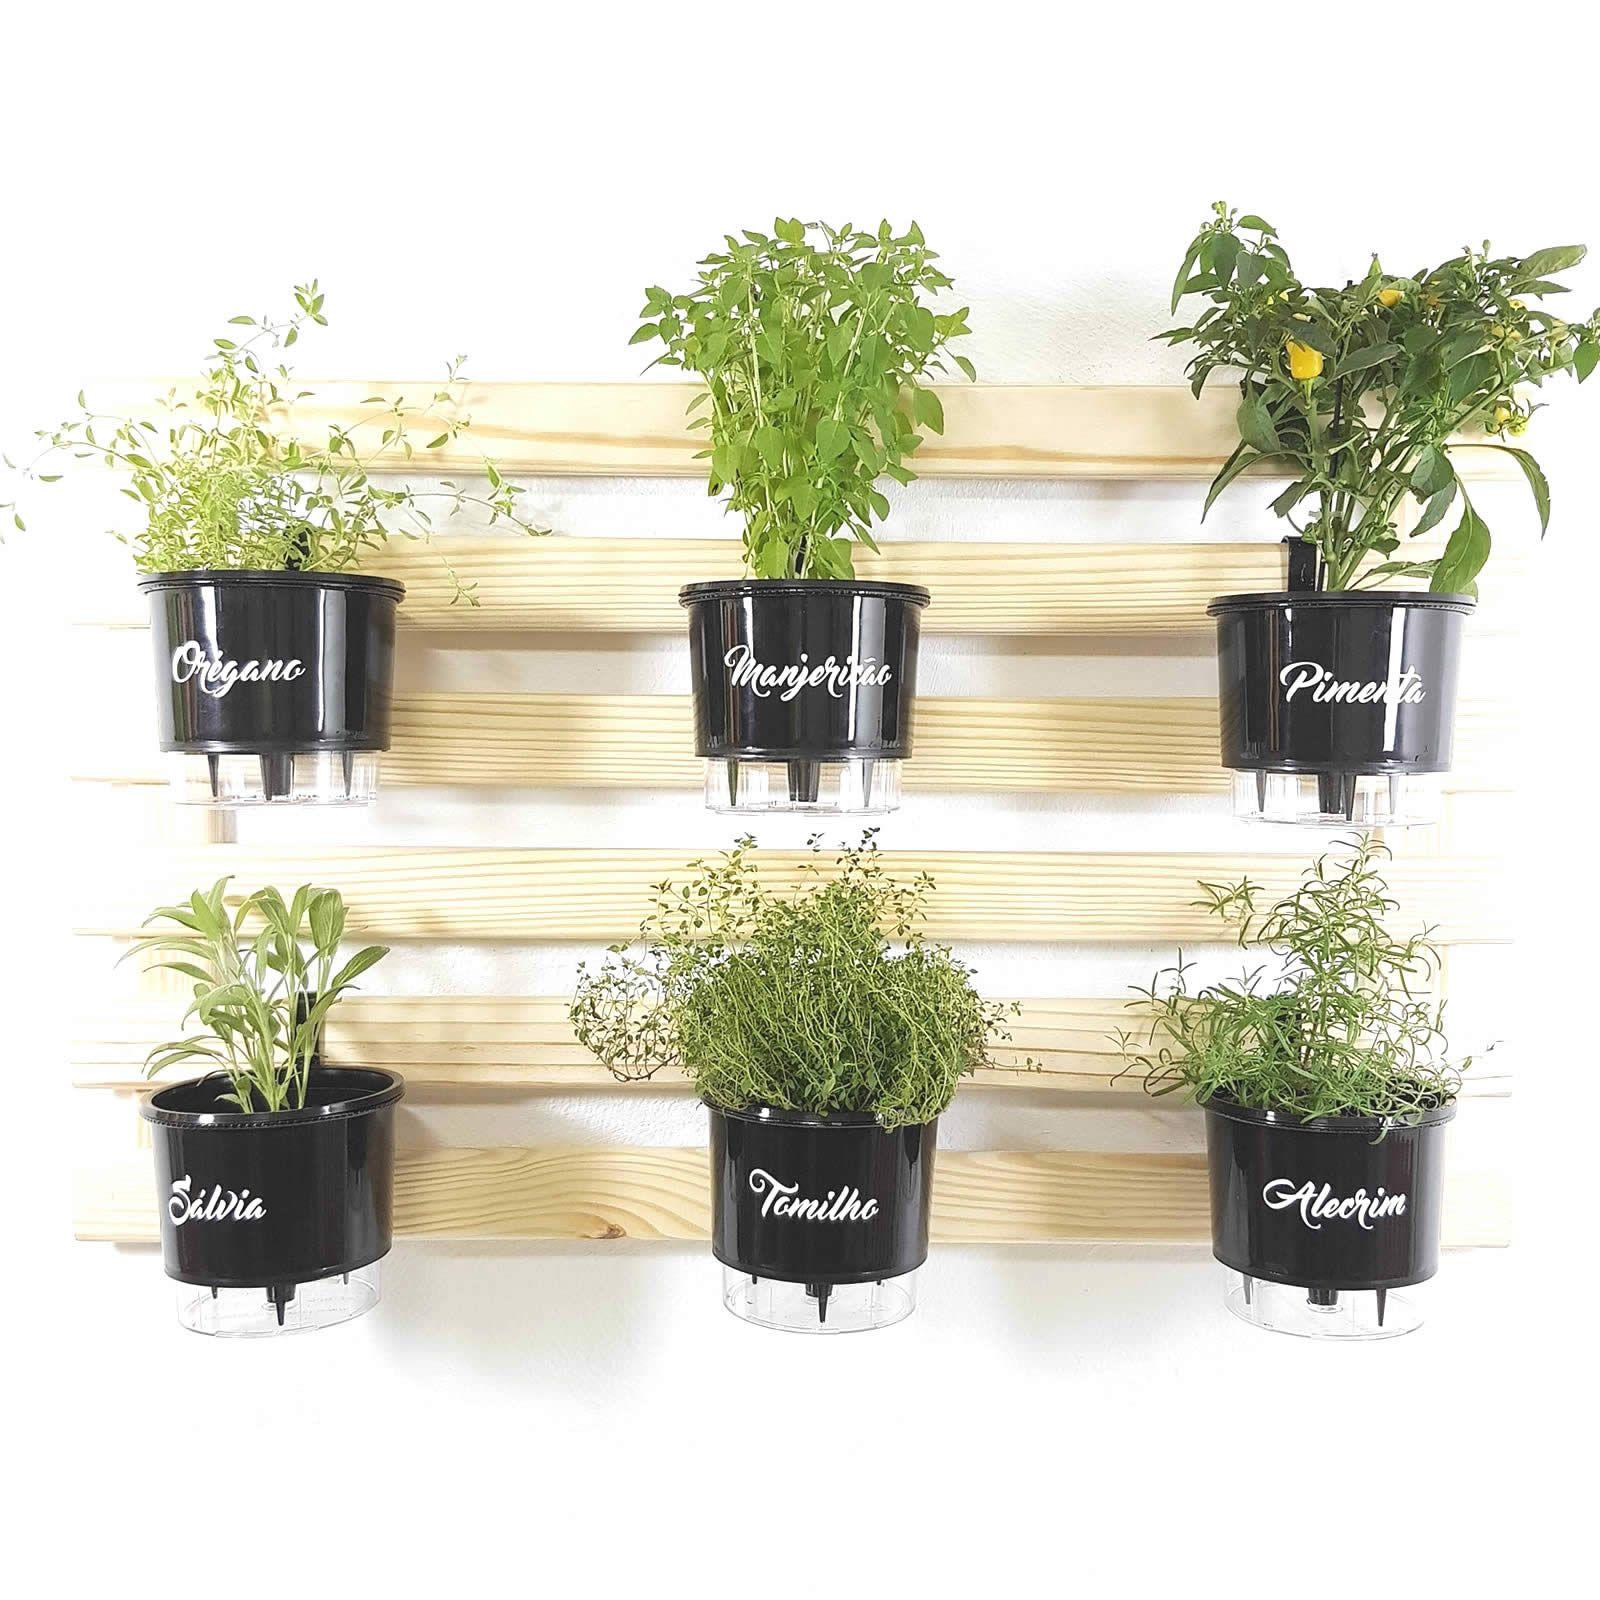 Horta Vertical Natural 60x100cm com 6 suportes e 6 Vasos Auto Irrigáveis Gourmet Pretos